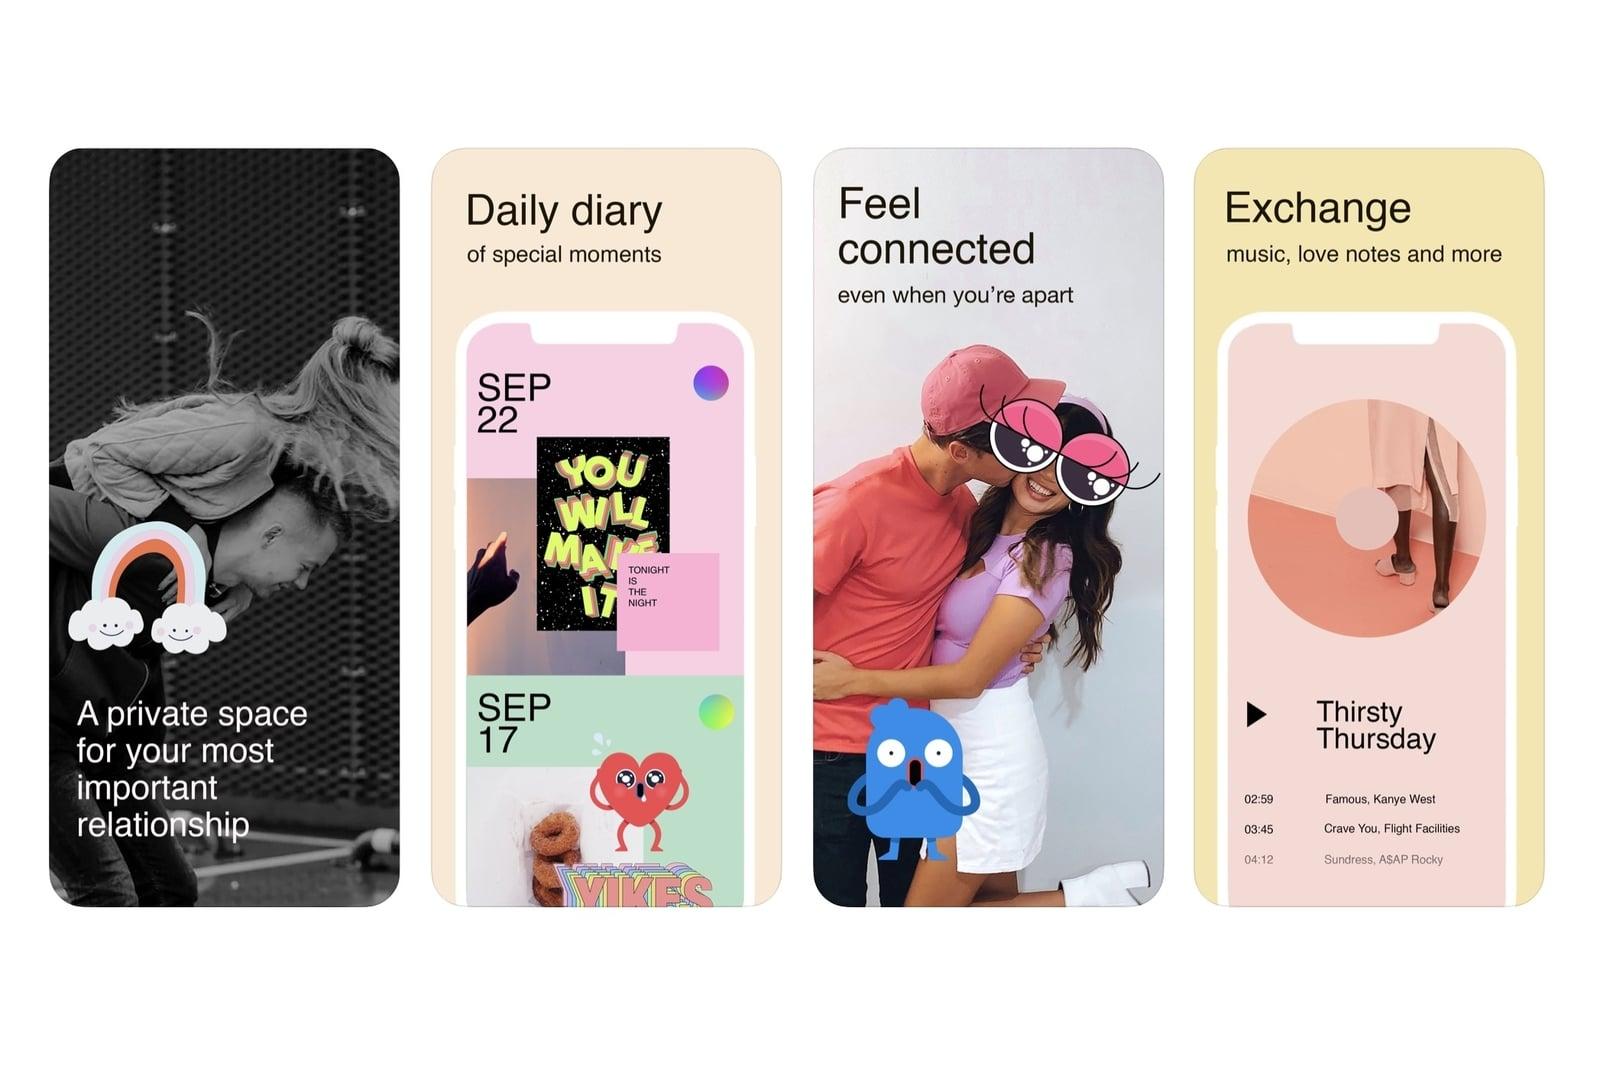 Facebook ra mắt ứng dụng mới dành riêng cho các cặp đôi trò chuyện với nhau